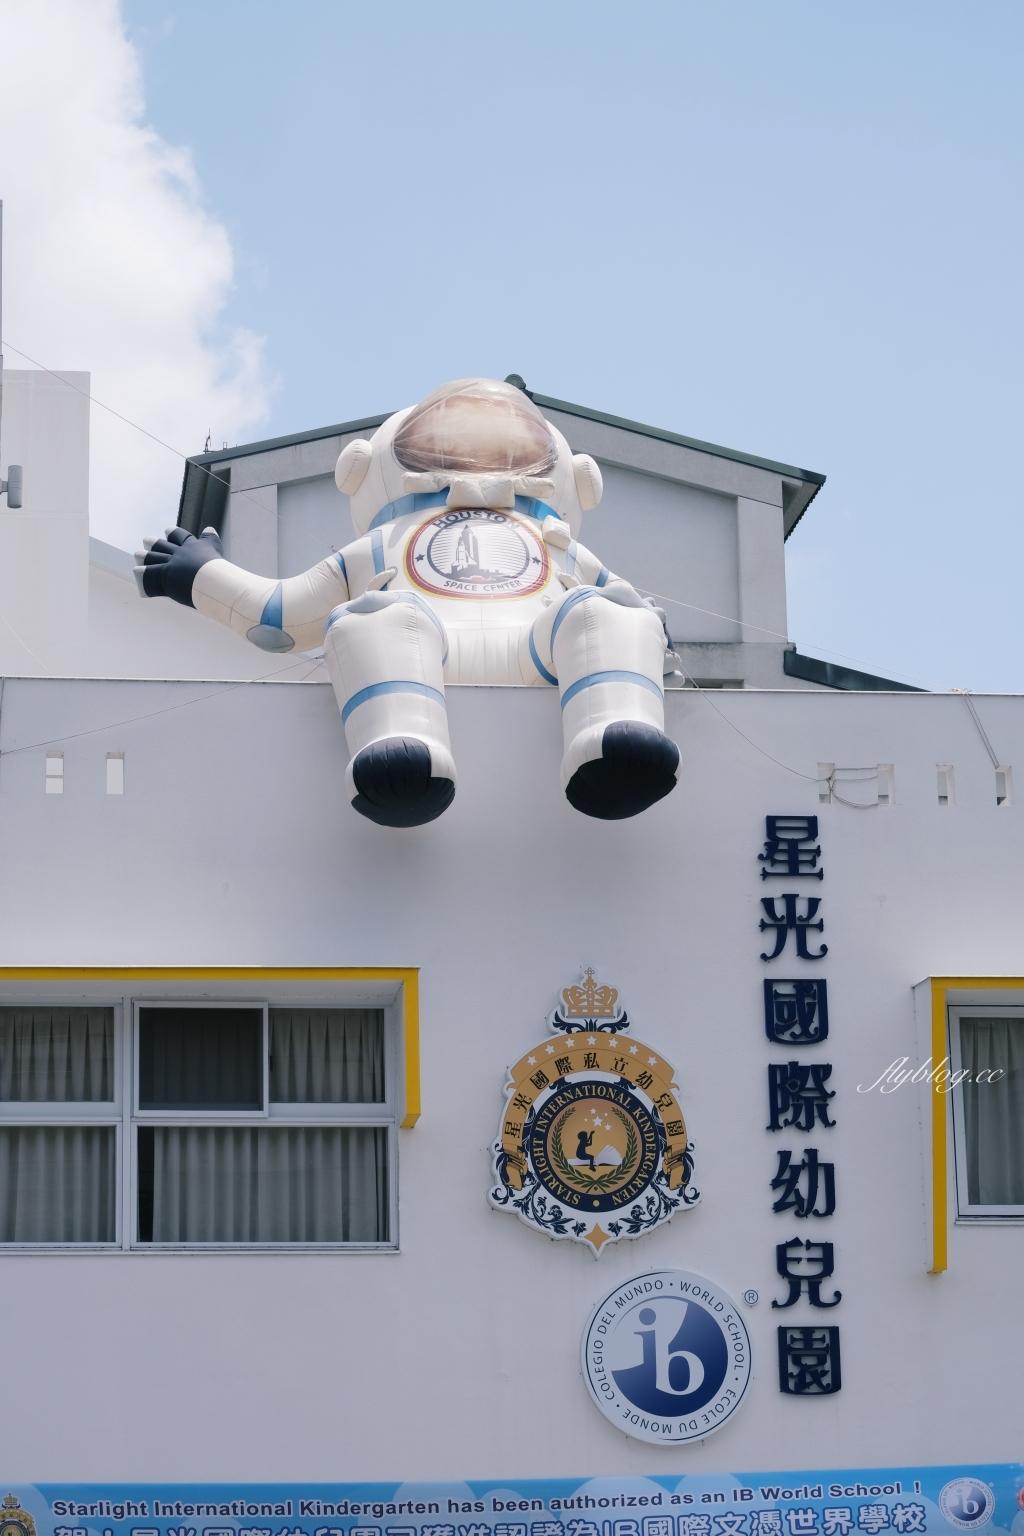 星光國際幼兒園:巨型太空人飛上屋頂囉!台中七期北歐風幼稚園 @飛天璇的口袋